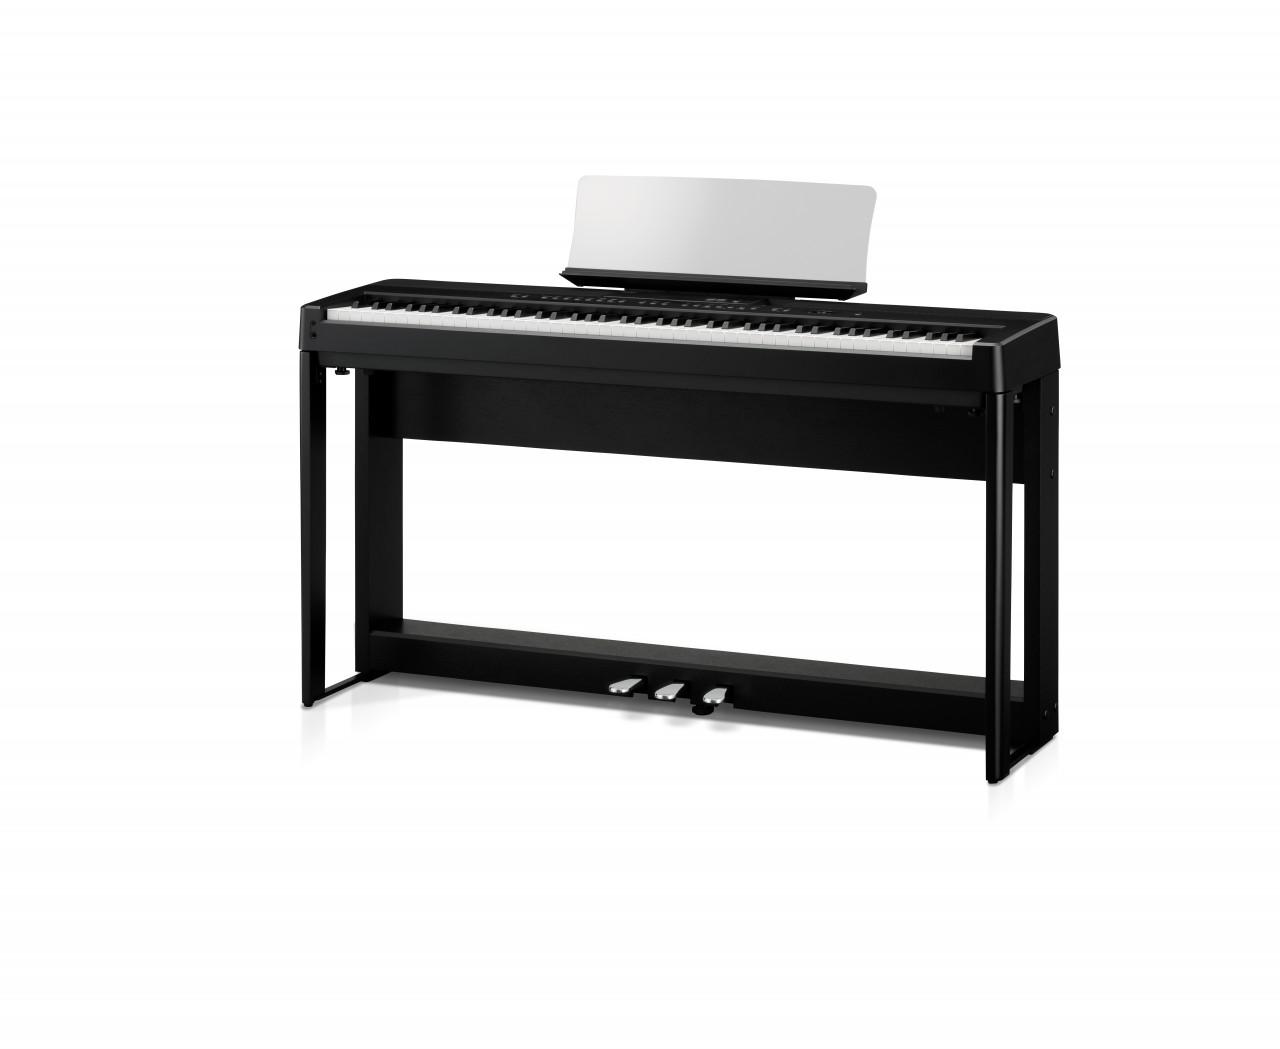 KAWAI ES 520 Digitale piano